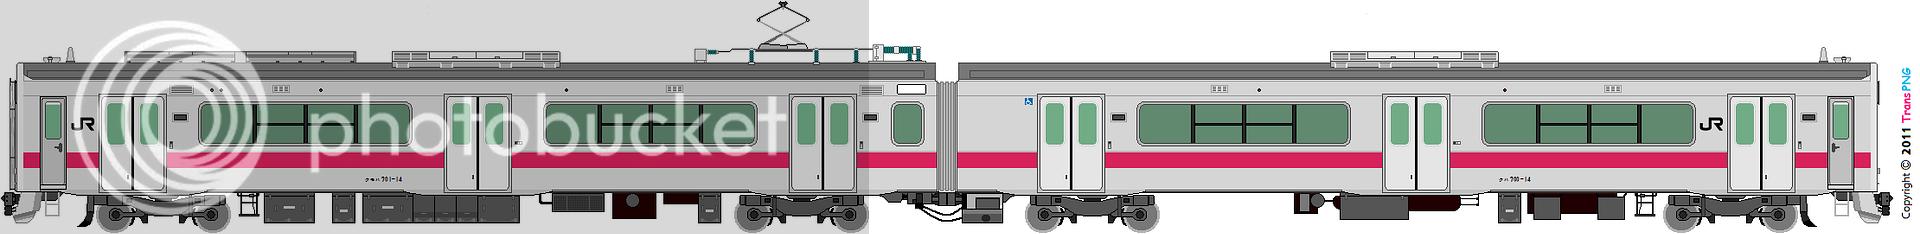 [5250] 東日本旅客鉄道 2250